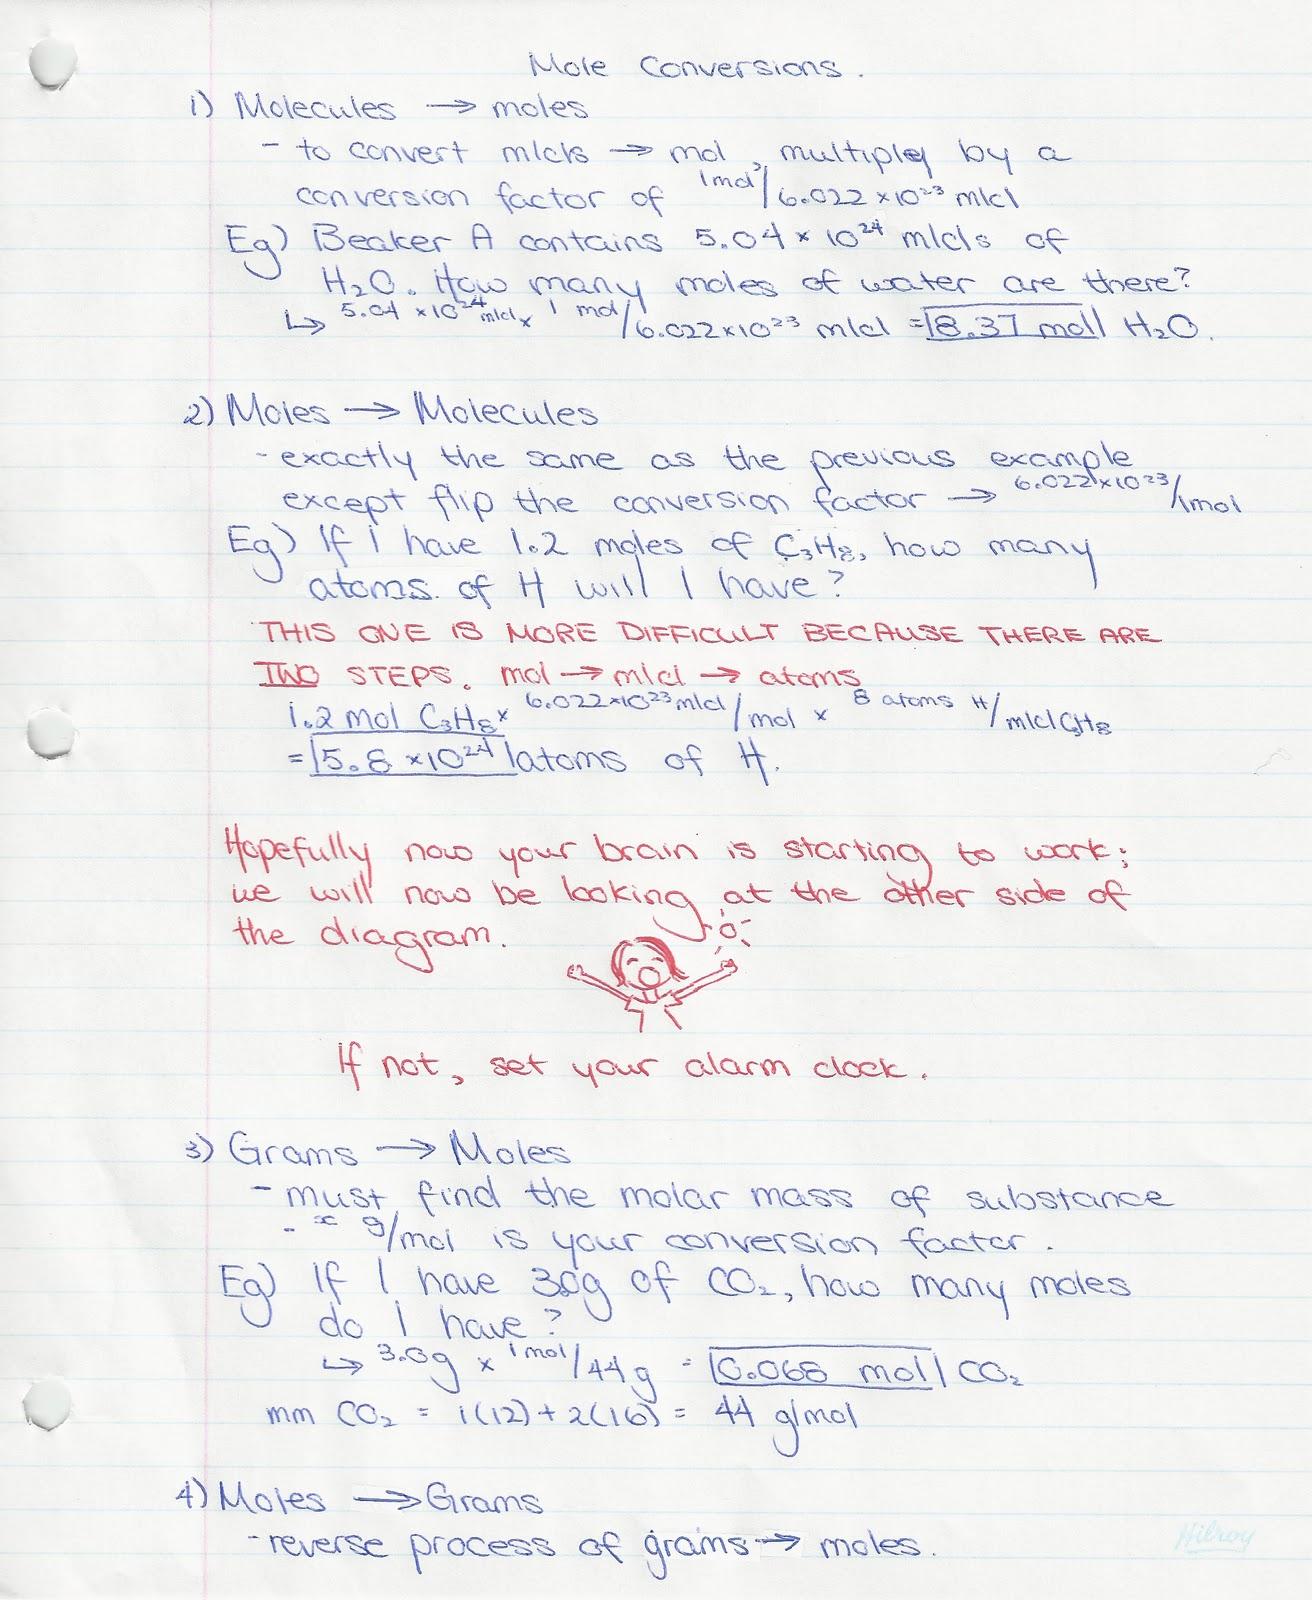 Chembloggers Mole Conversions Part 2